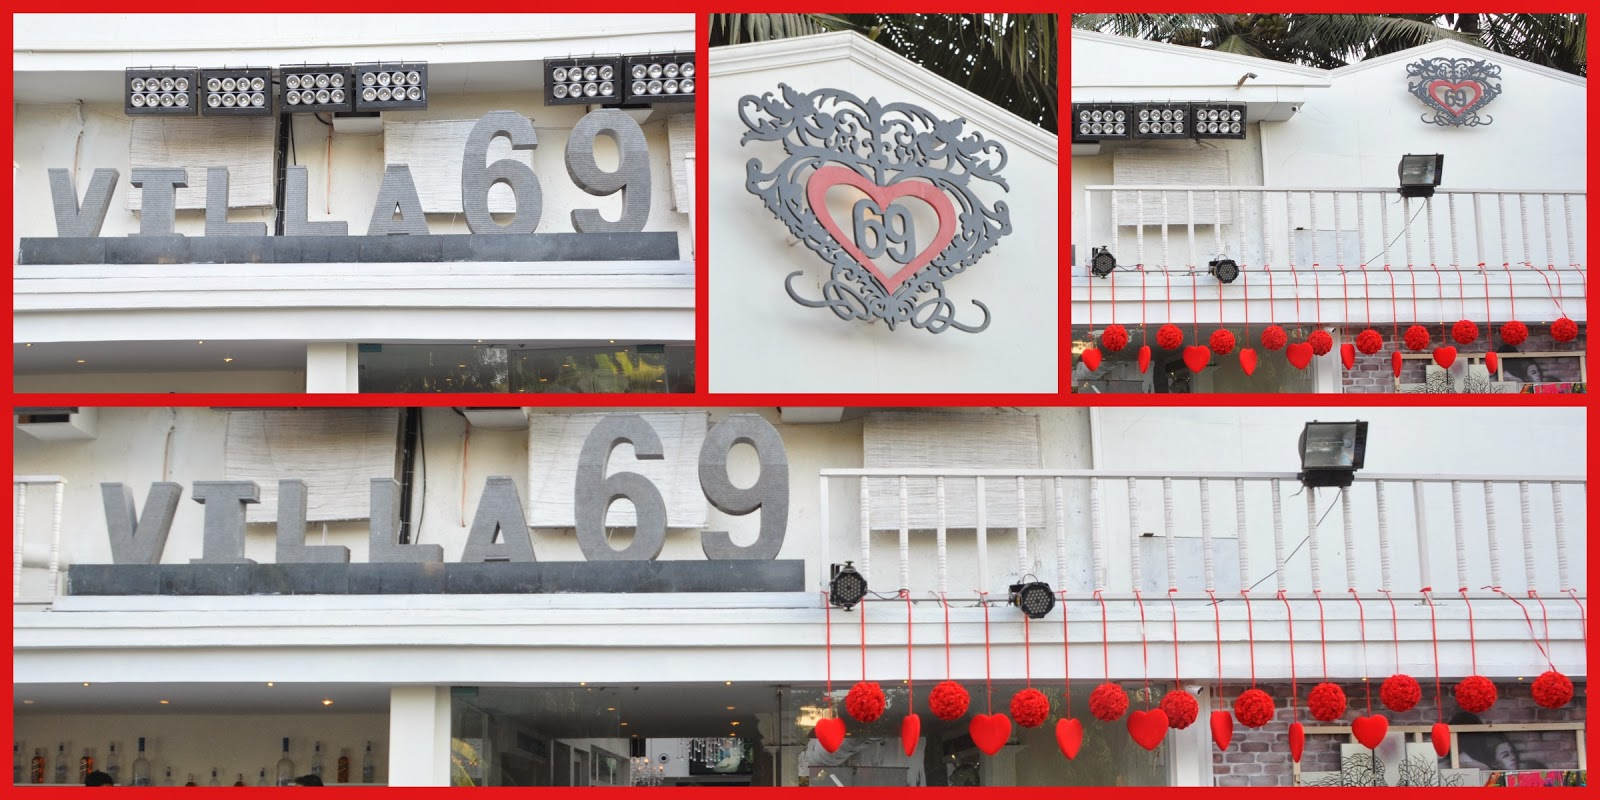 Villa 69 Logo